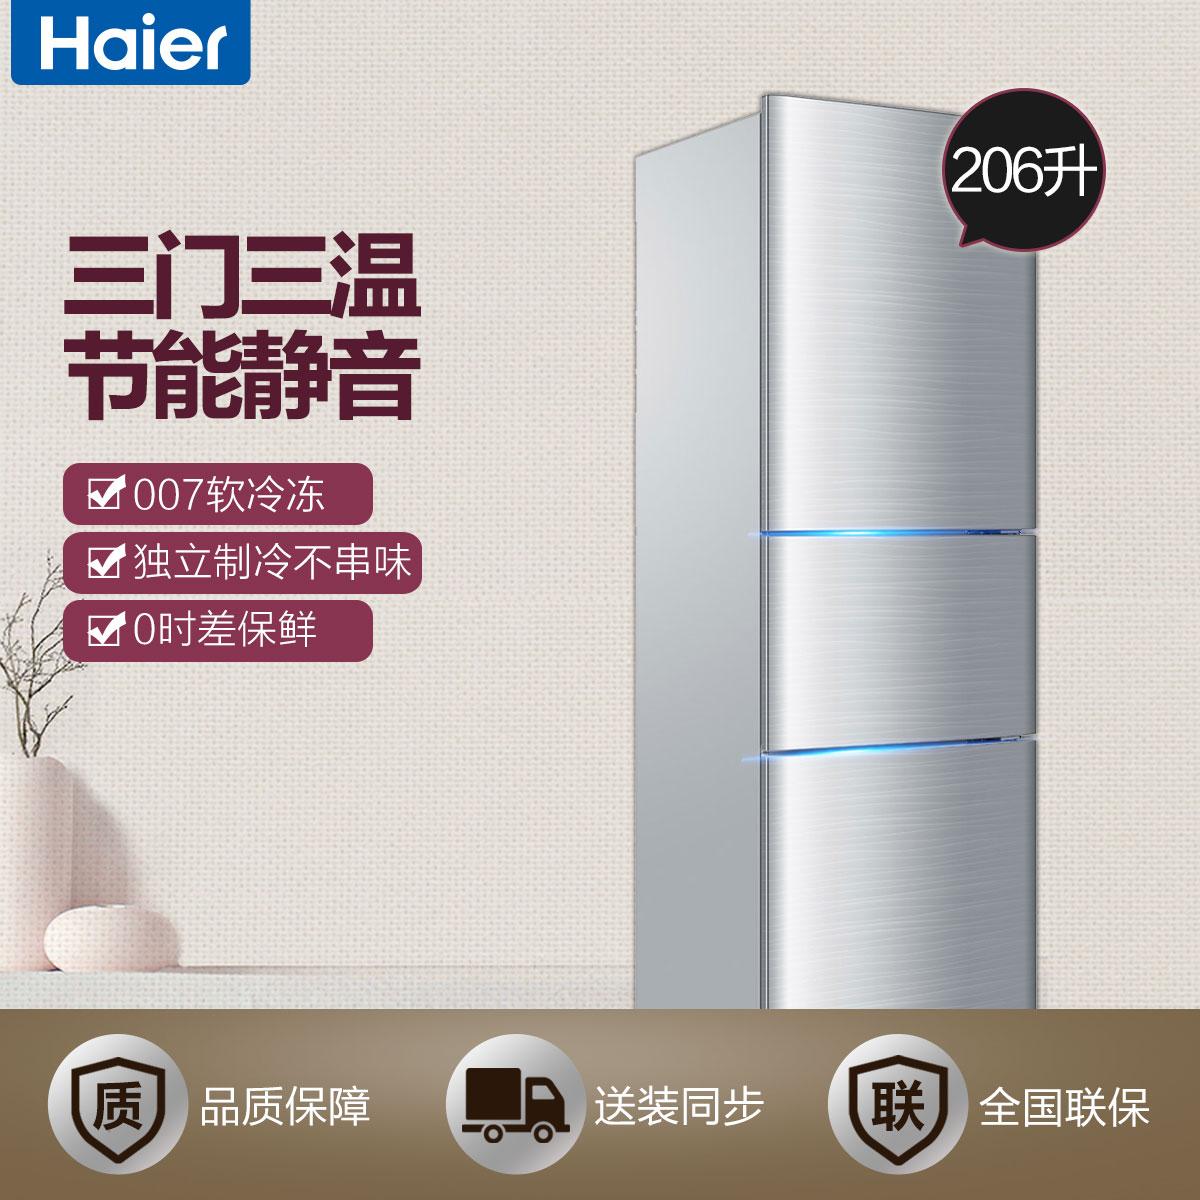 BCD-206STPA 206升三门小型家用节能冰箱